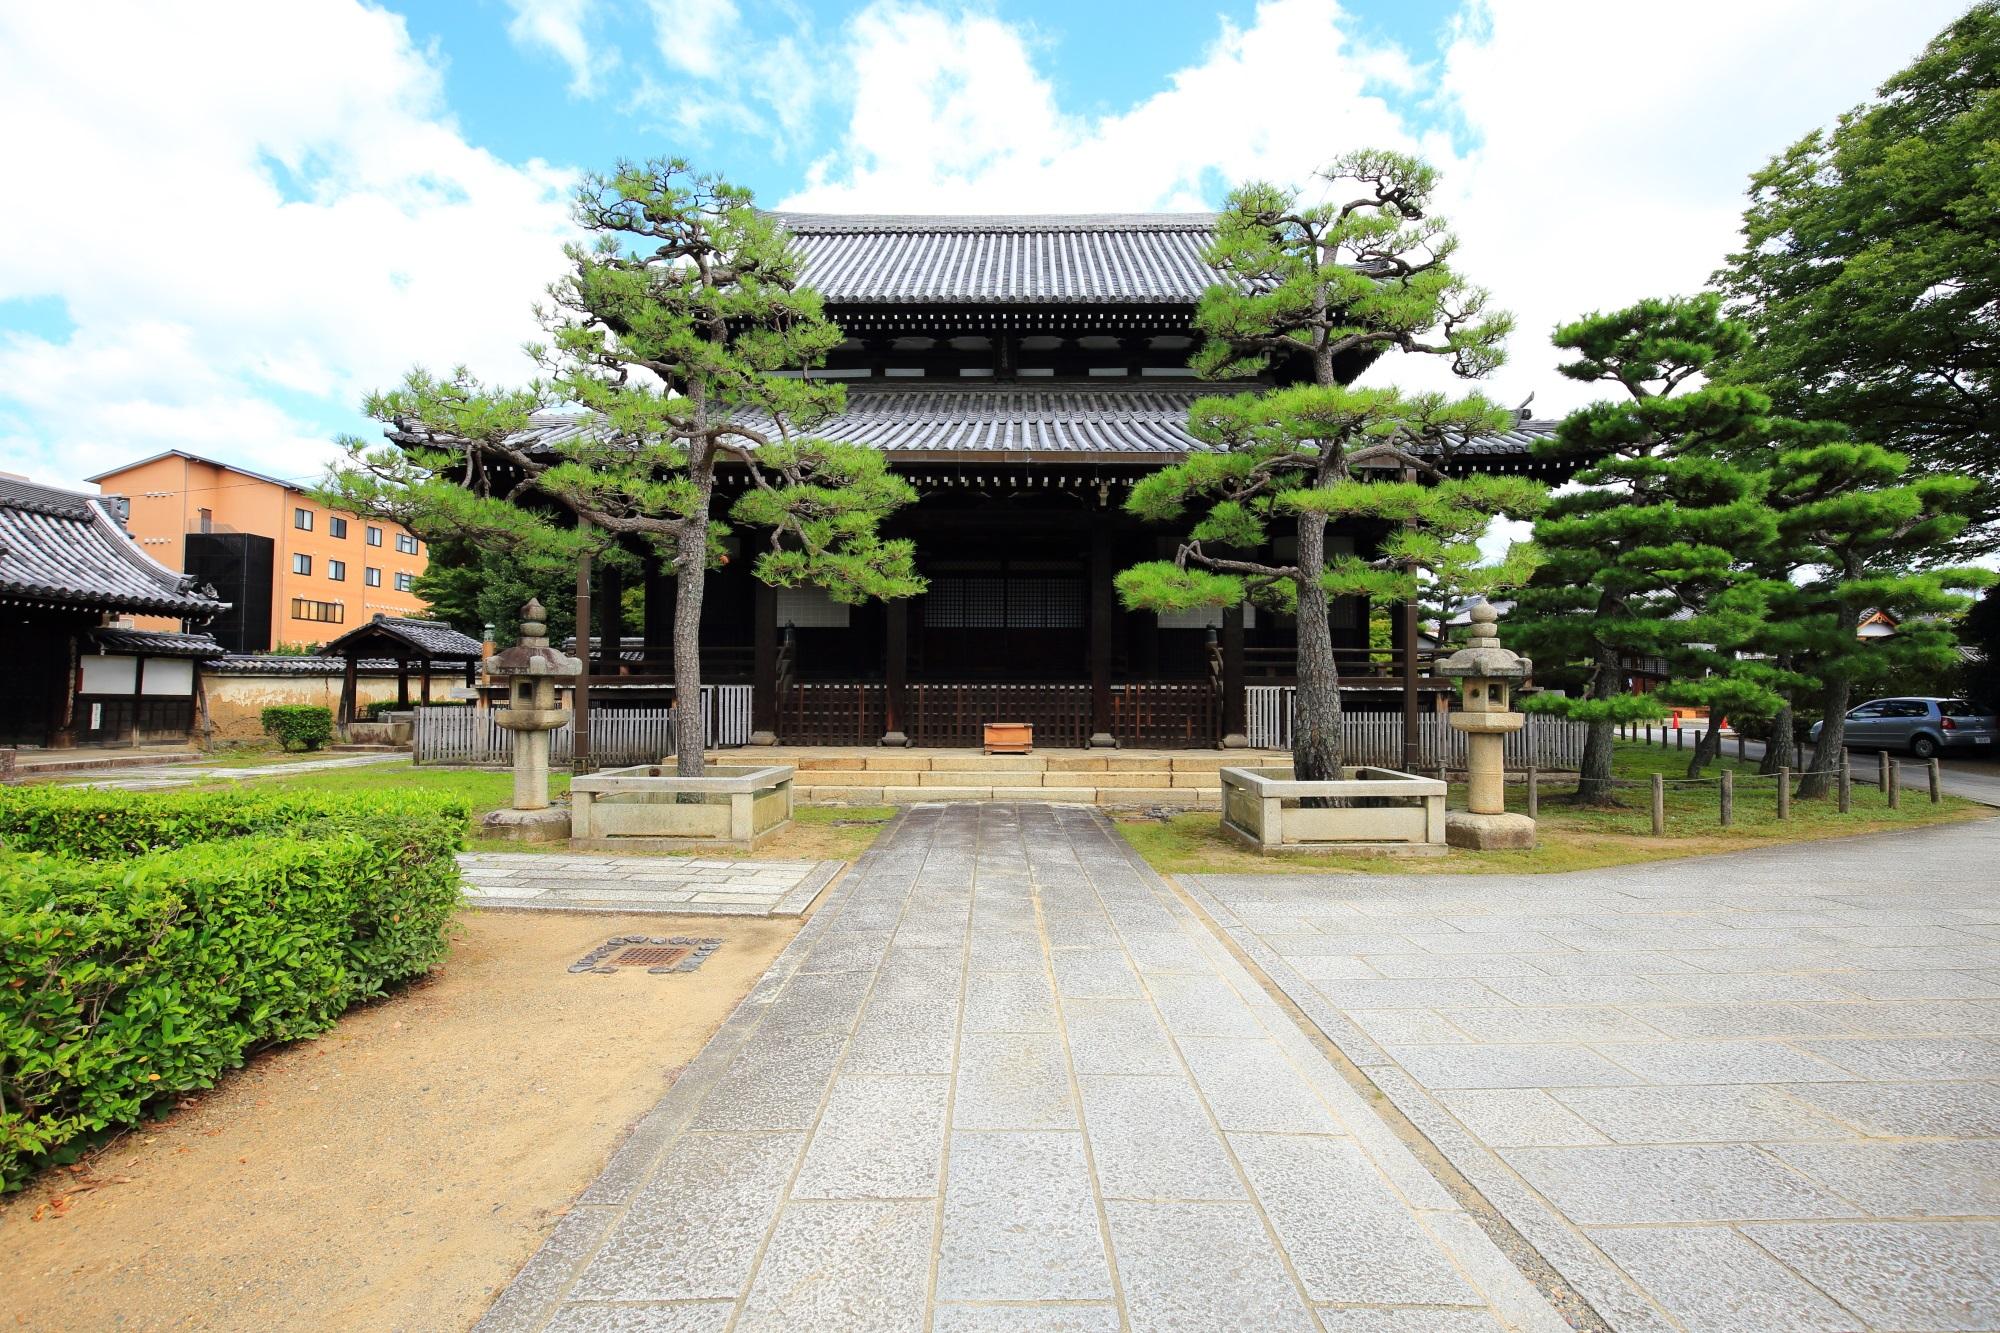 浄福寺(じょうふくじ)の本堂